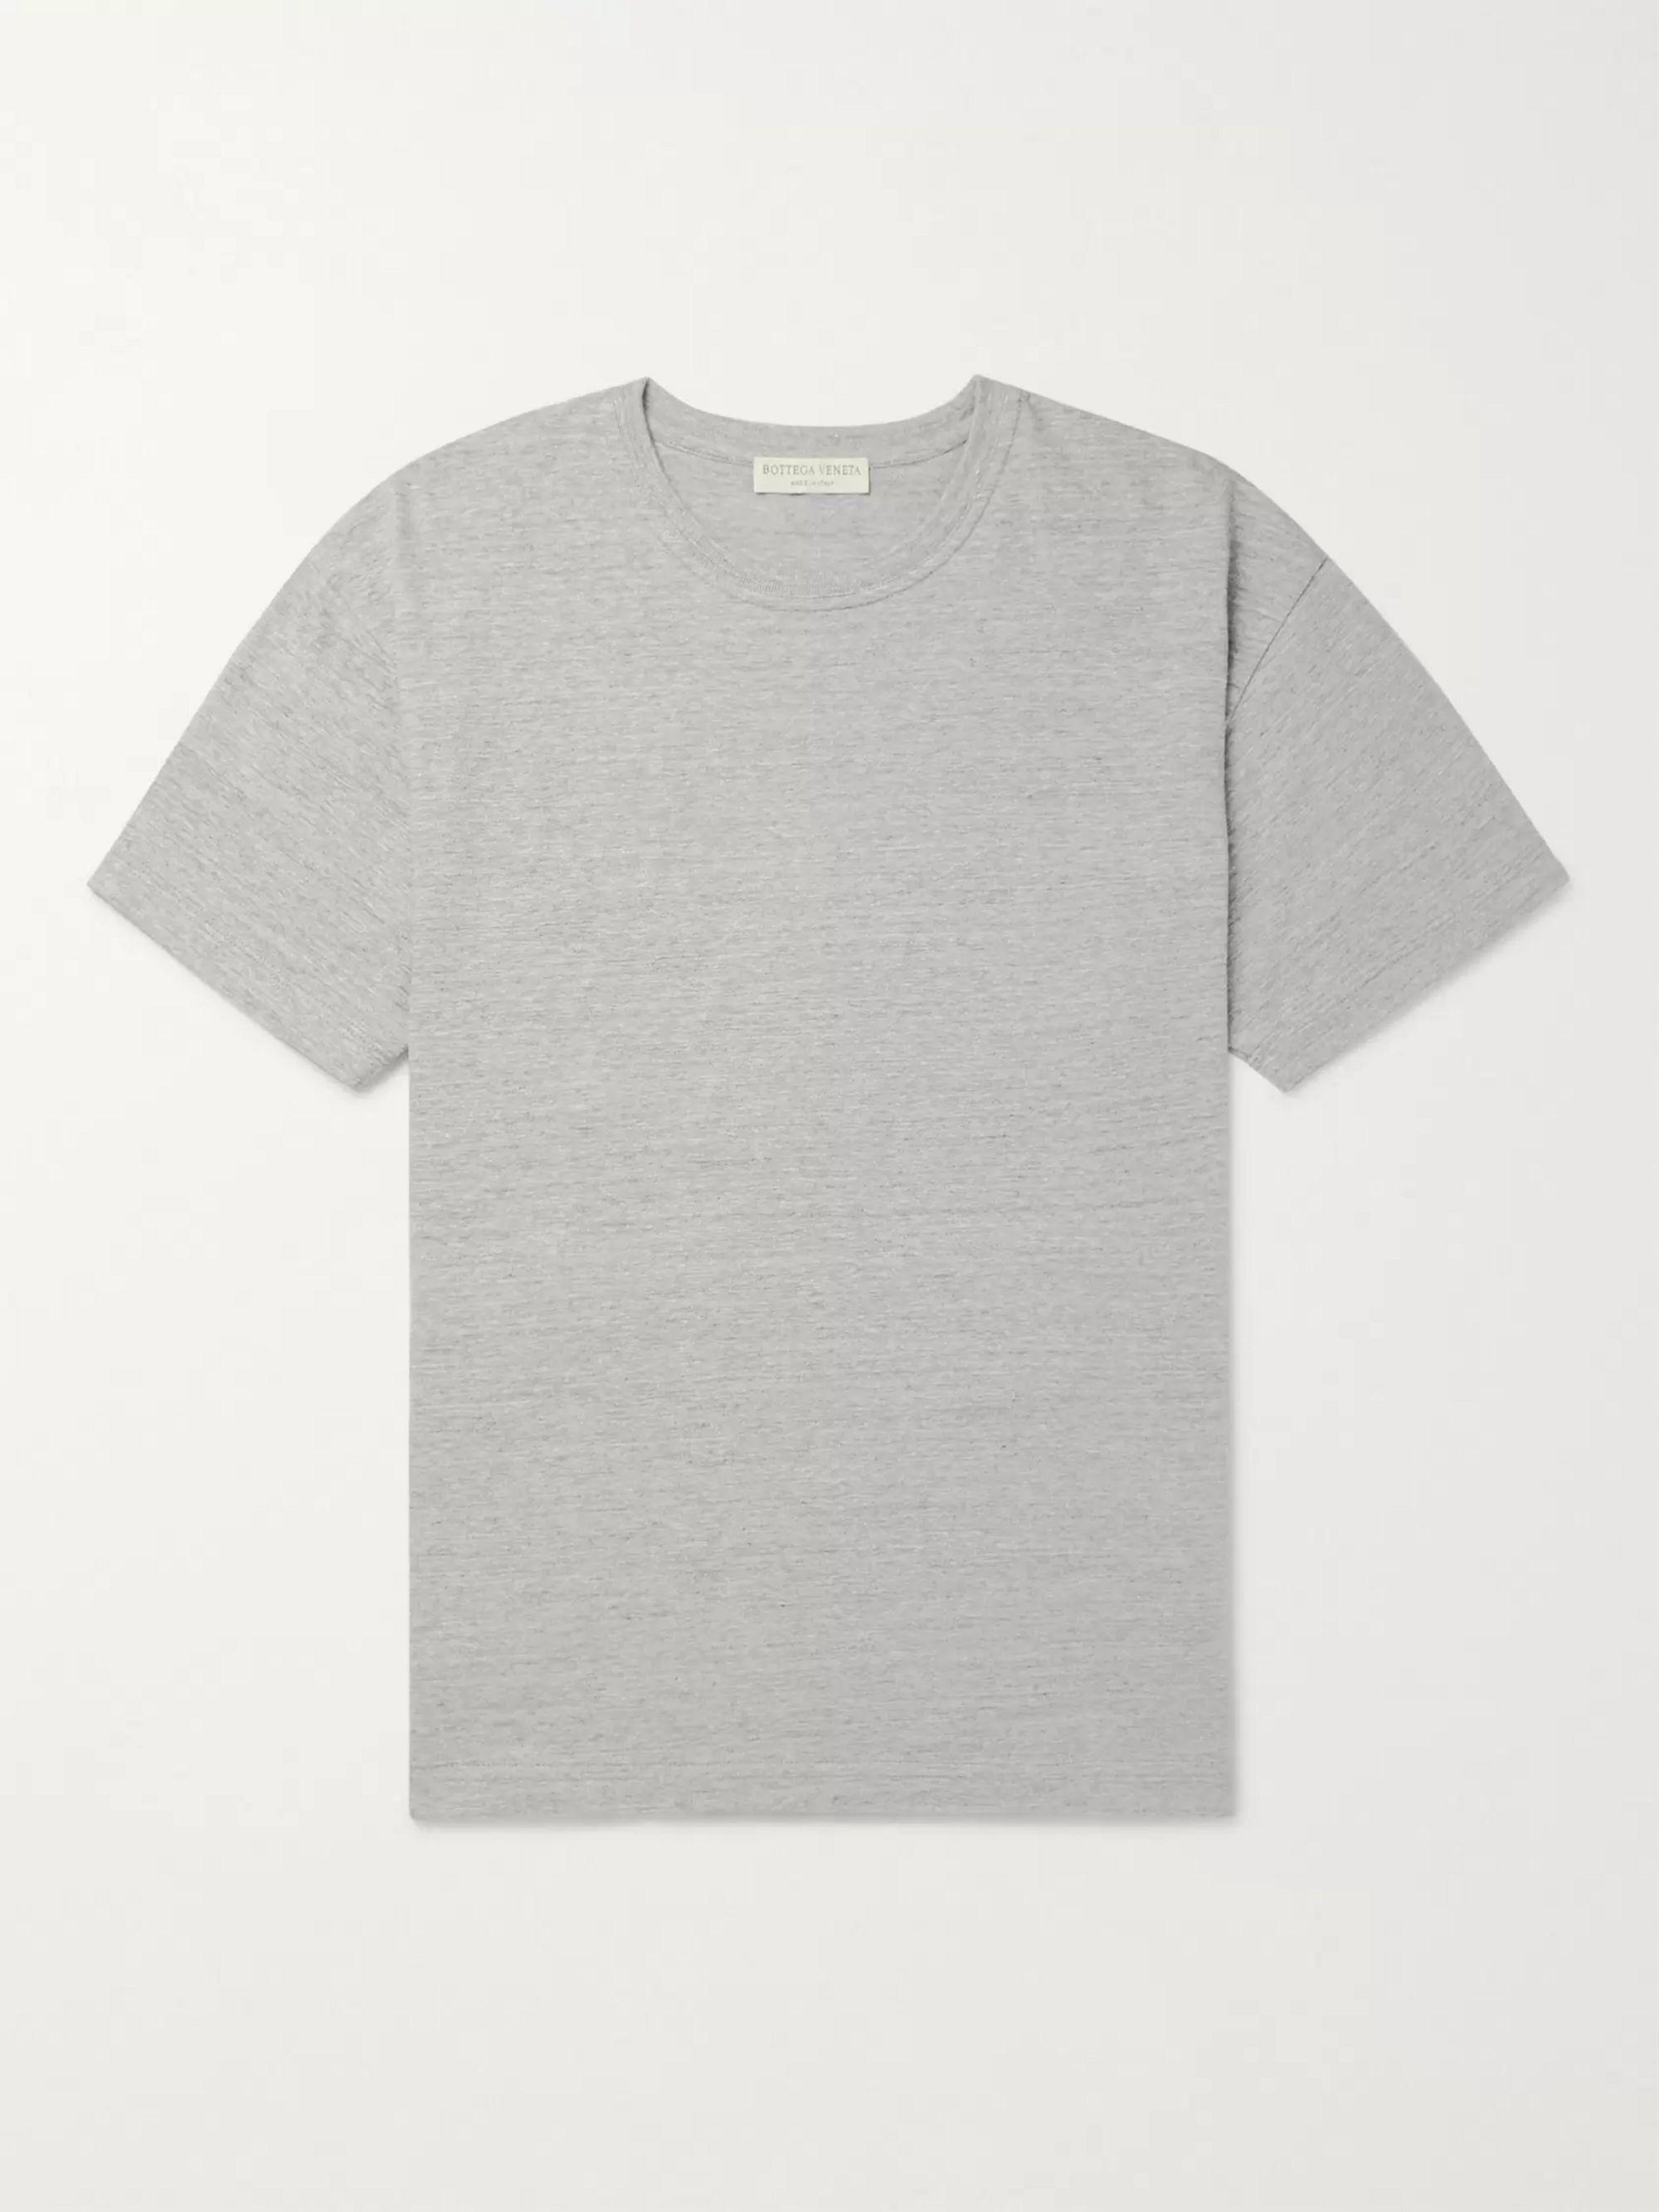 Cotton Jersey T Shirt